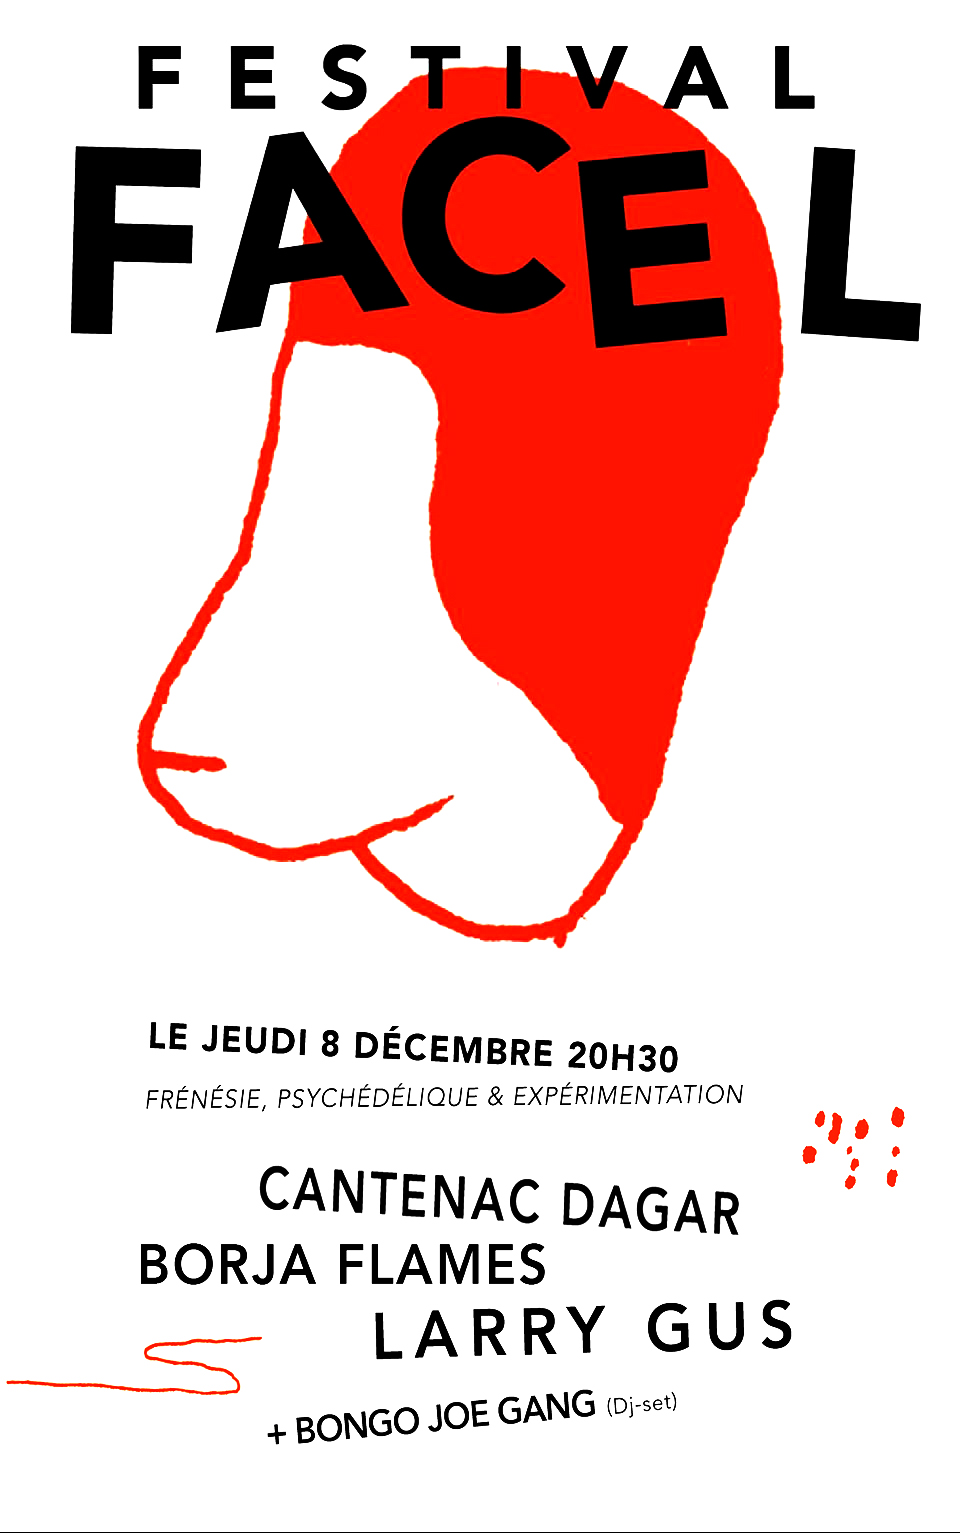 cantenac_dagar_facel